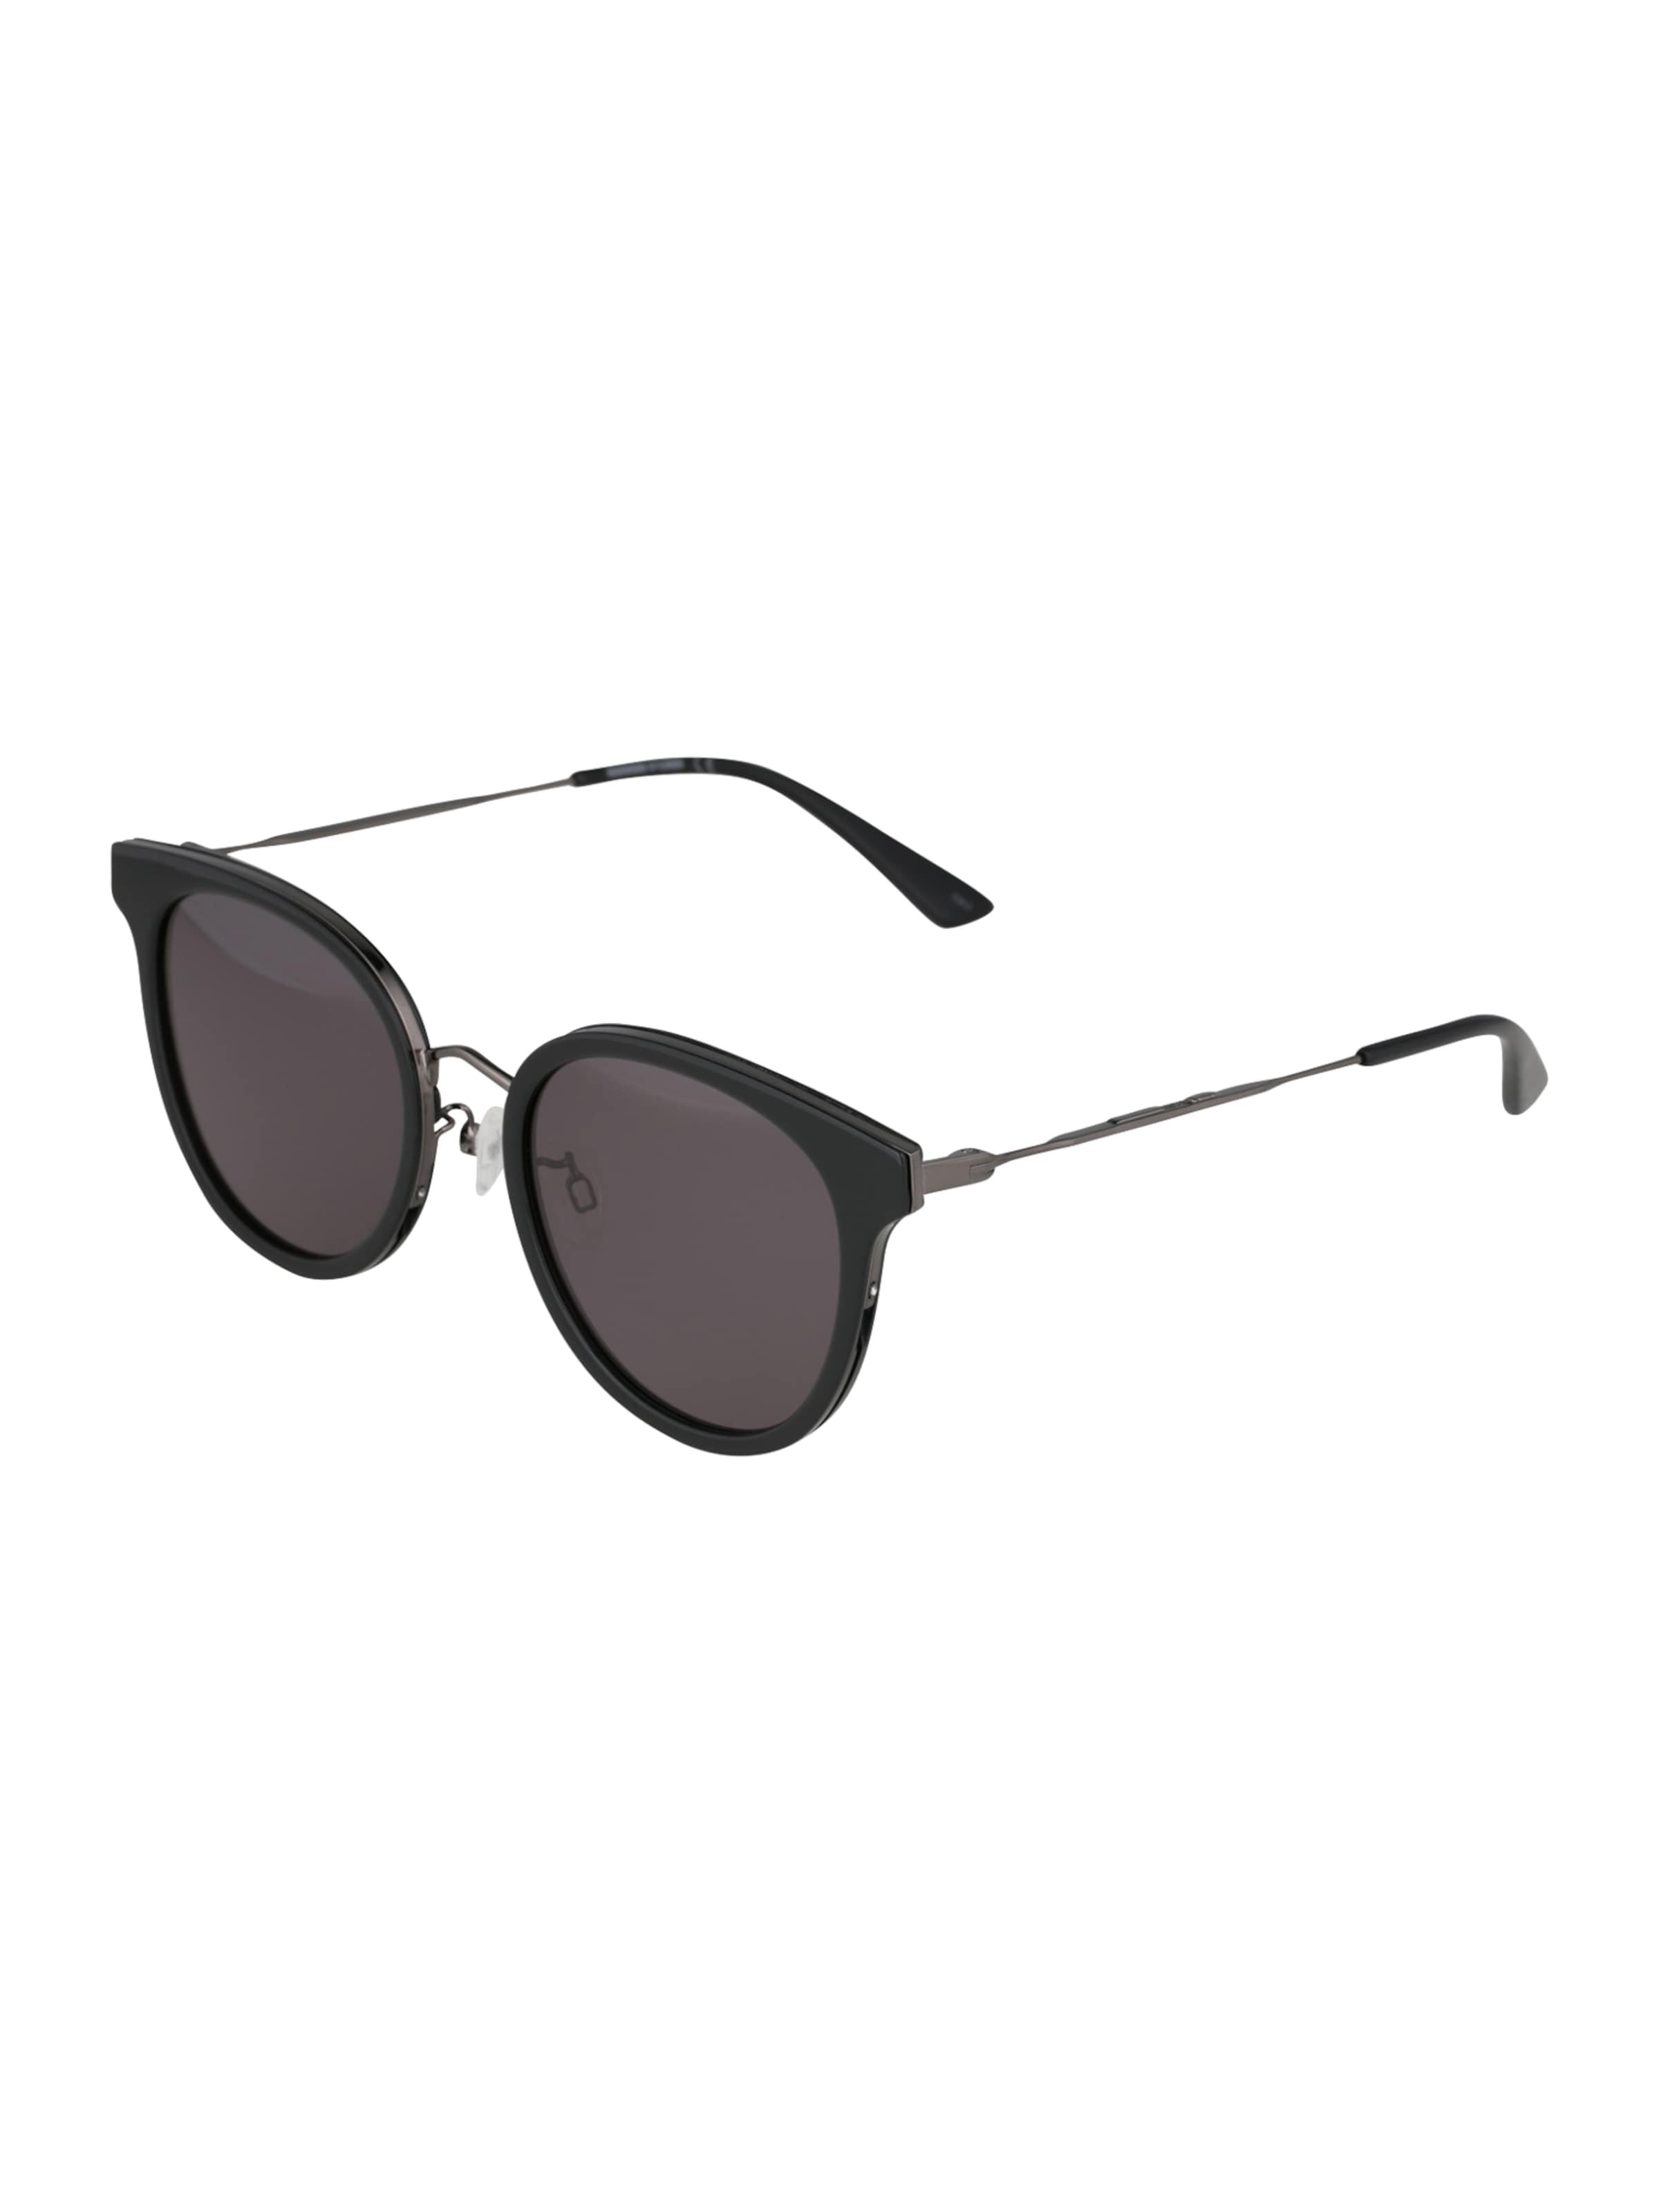 McQ Alexander McQueen Solglasögon i grå / svart